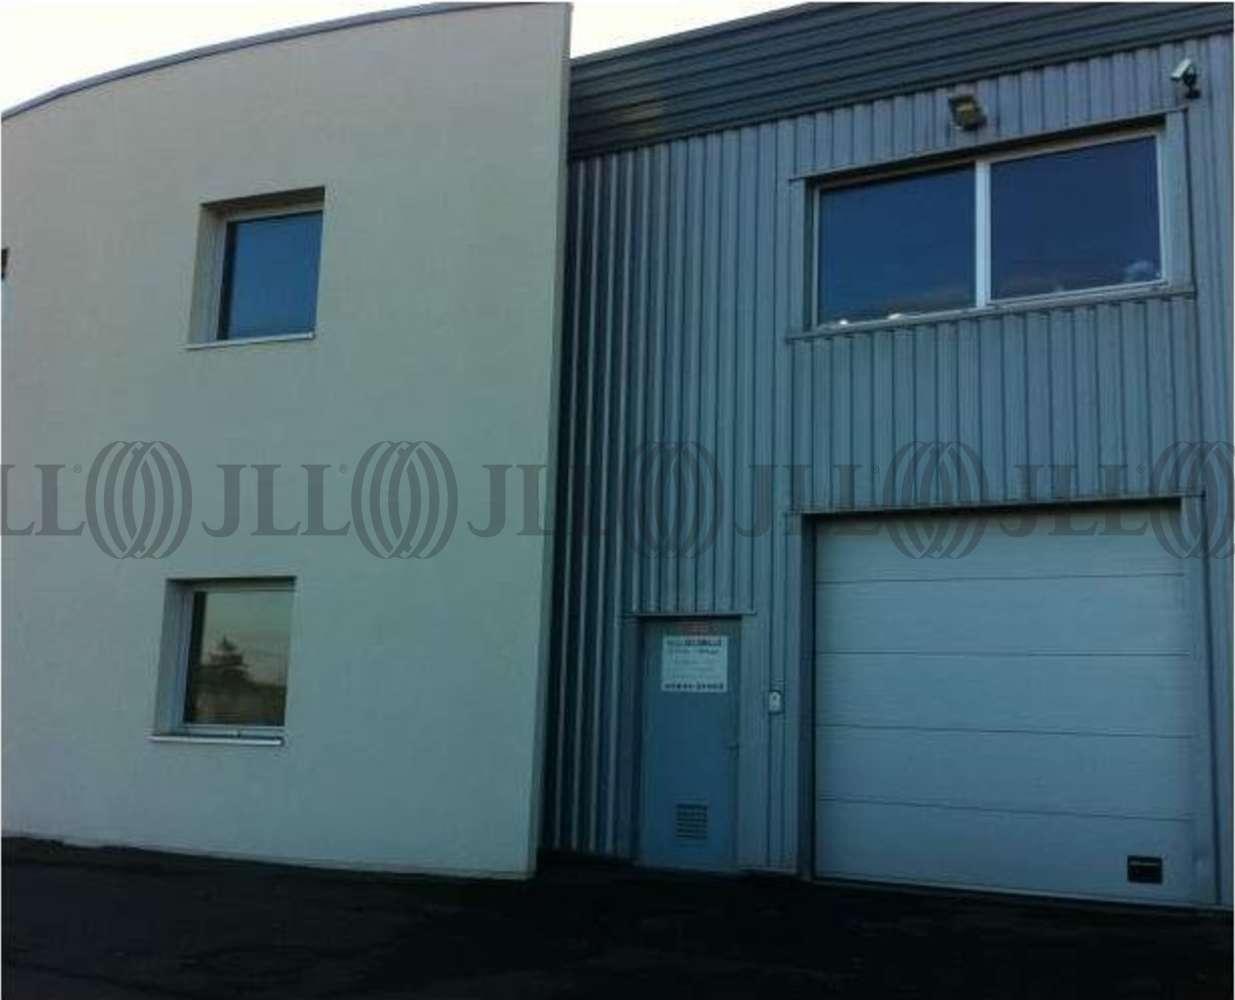 Activités/entrepôt Mery sur oise, 95540 - ZA DES BOSQUETS - 9452599